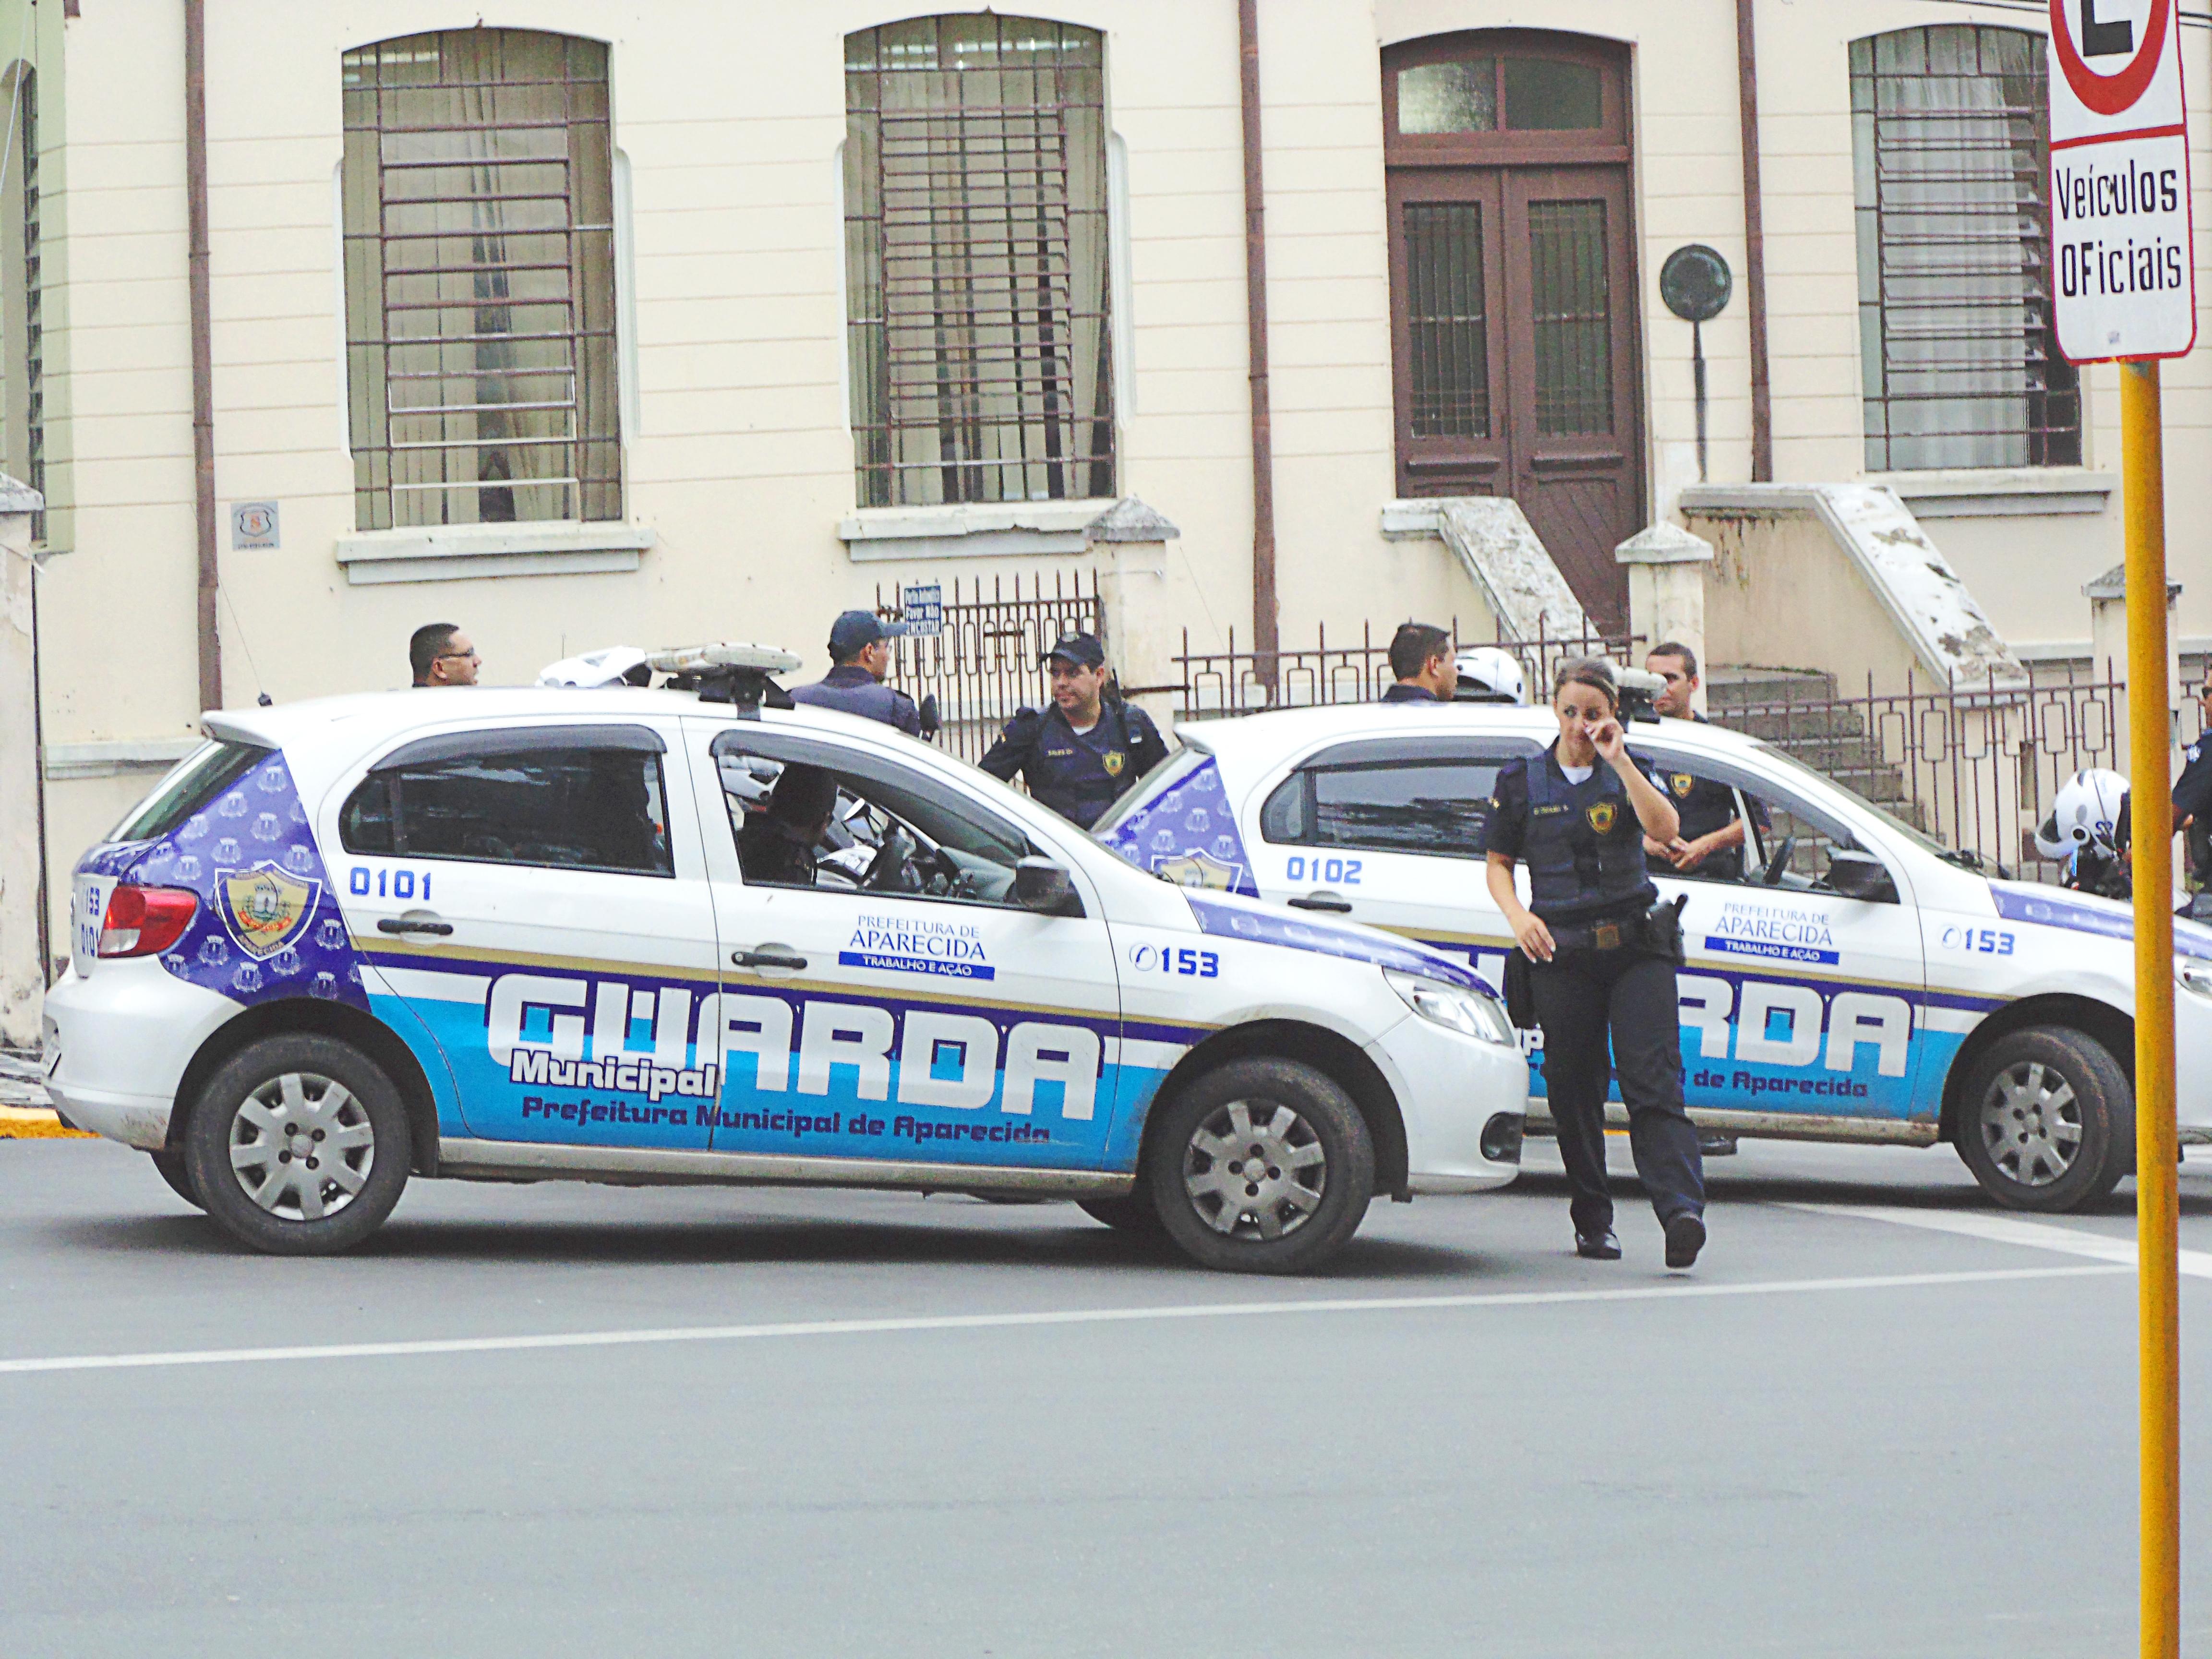 Guardas municipais atuam em bloqueio na região central de Aparecida em dia que antecede o feriado (Arquivo Atos)